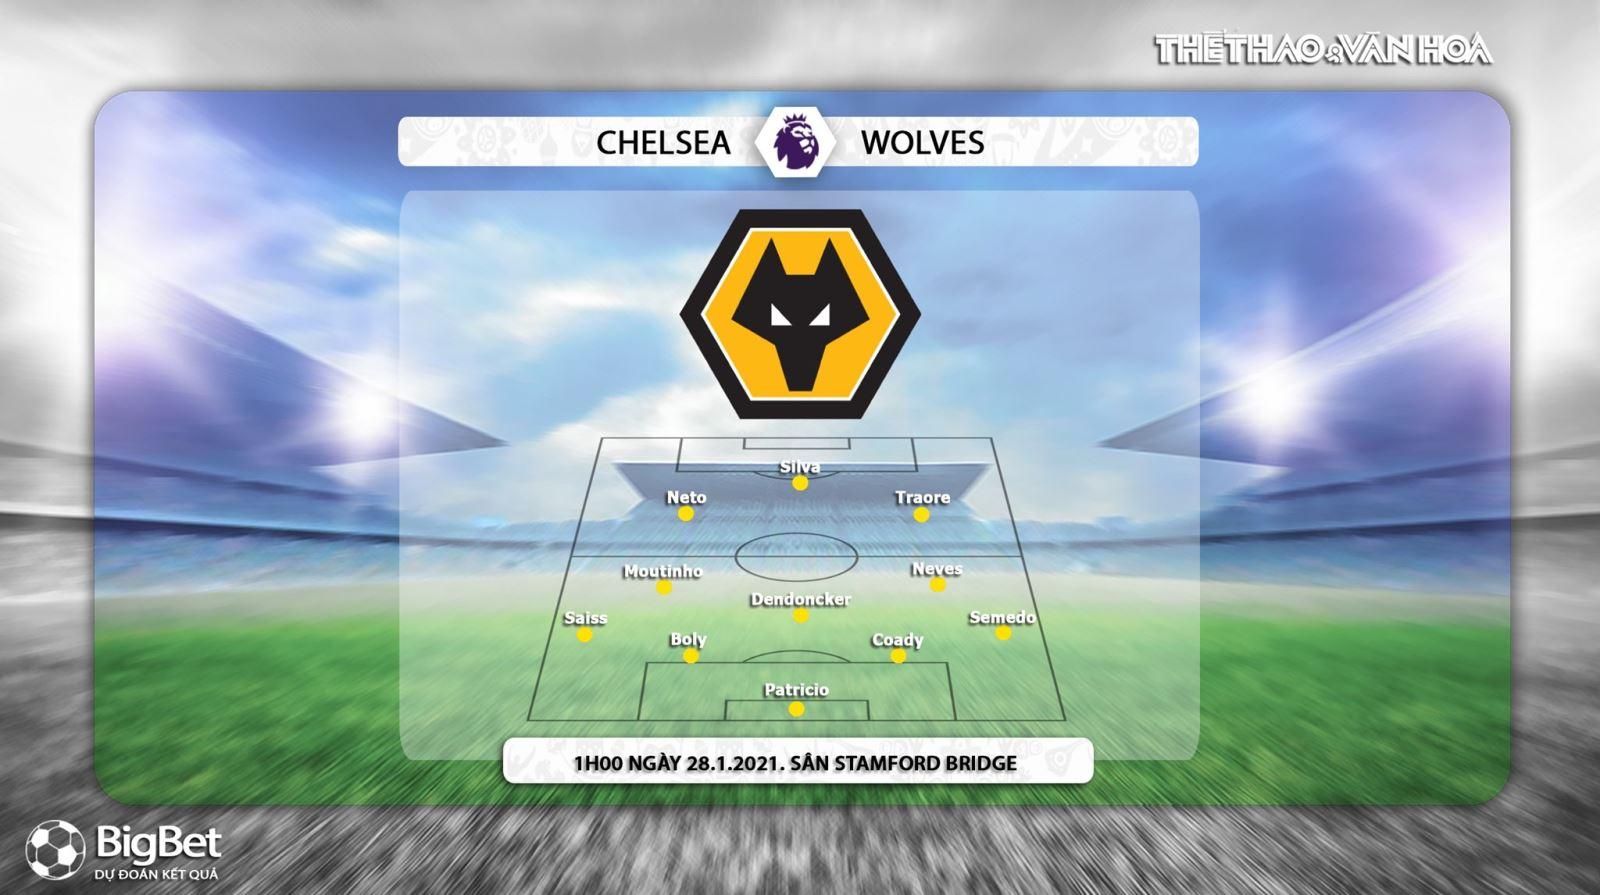 Keo nha cai, kèo nhà cái, Chelsea vs Wolves, K+, K+PM trực tiếp bóng đá Ngoại hạng Anh, Trực tiếp Chelsea đấu với Wolves, Kèo bóng đá Chelsea vs Wolves, Chelsea